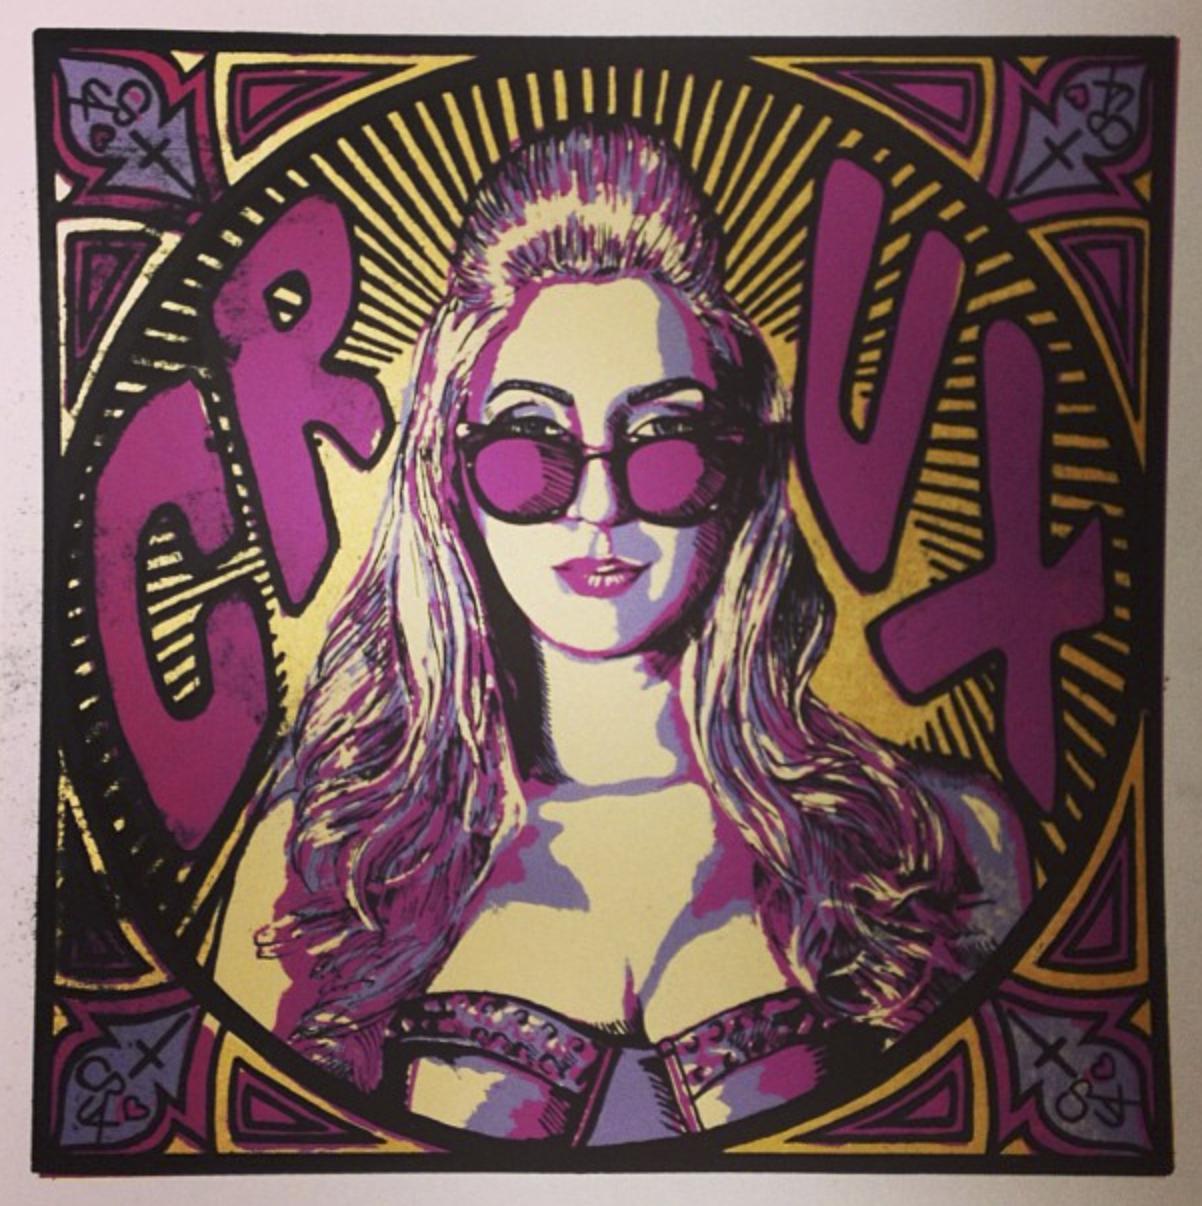 CRUX Album Cover, Screenprint, 2013